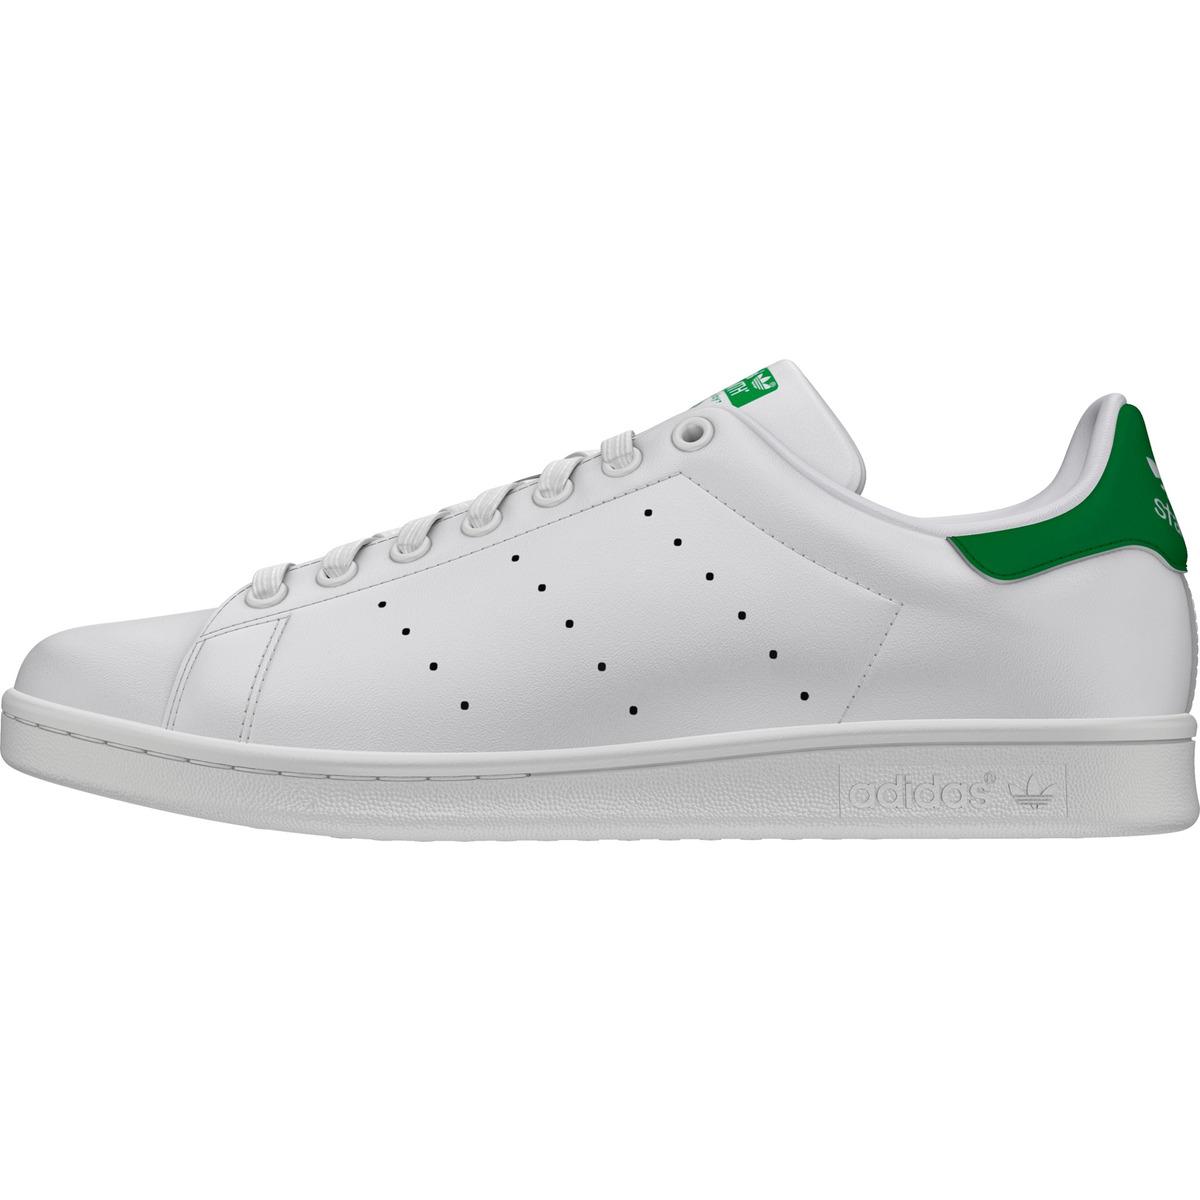 adidas Originals STAN SMITH Zapatillas Hombre Velcro Casual